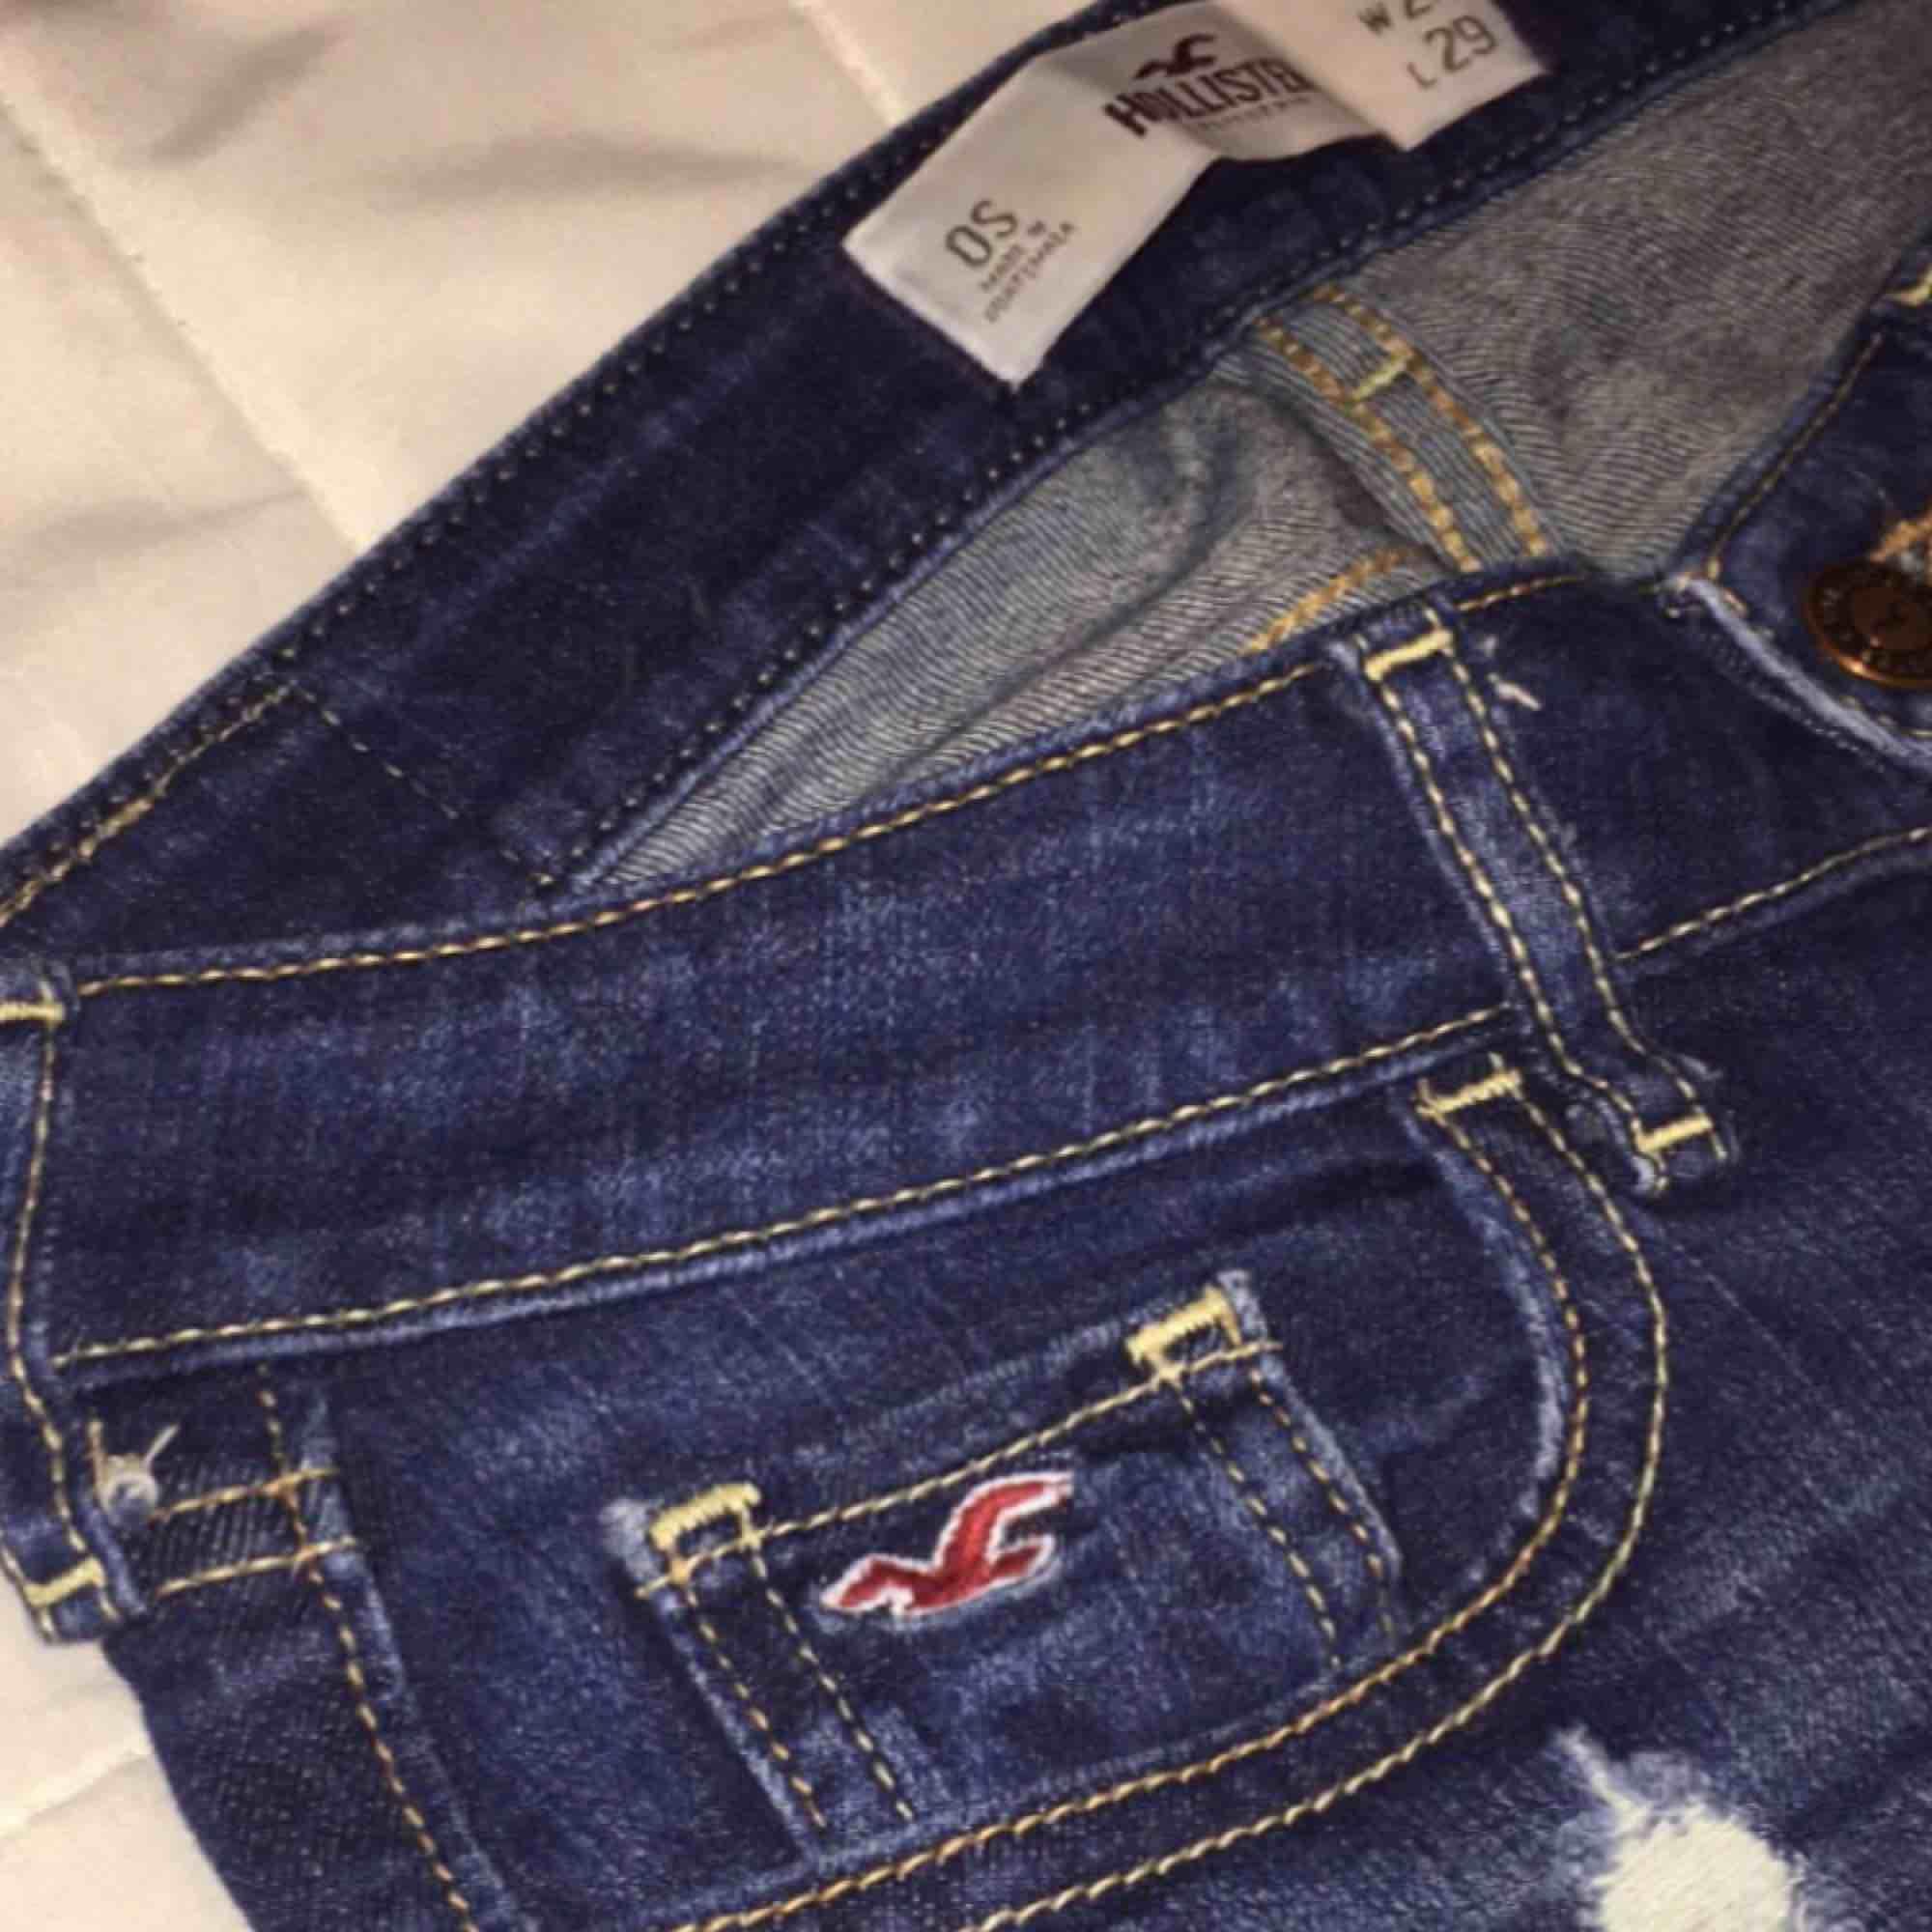 Sparsamt använda Hollister jeans. Har en liten